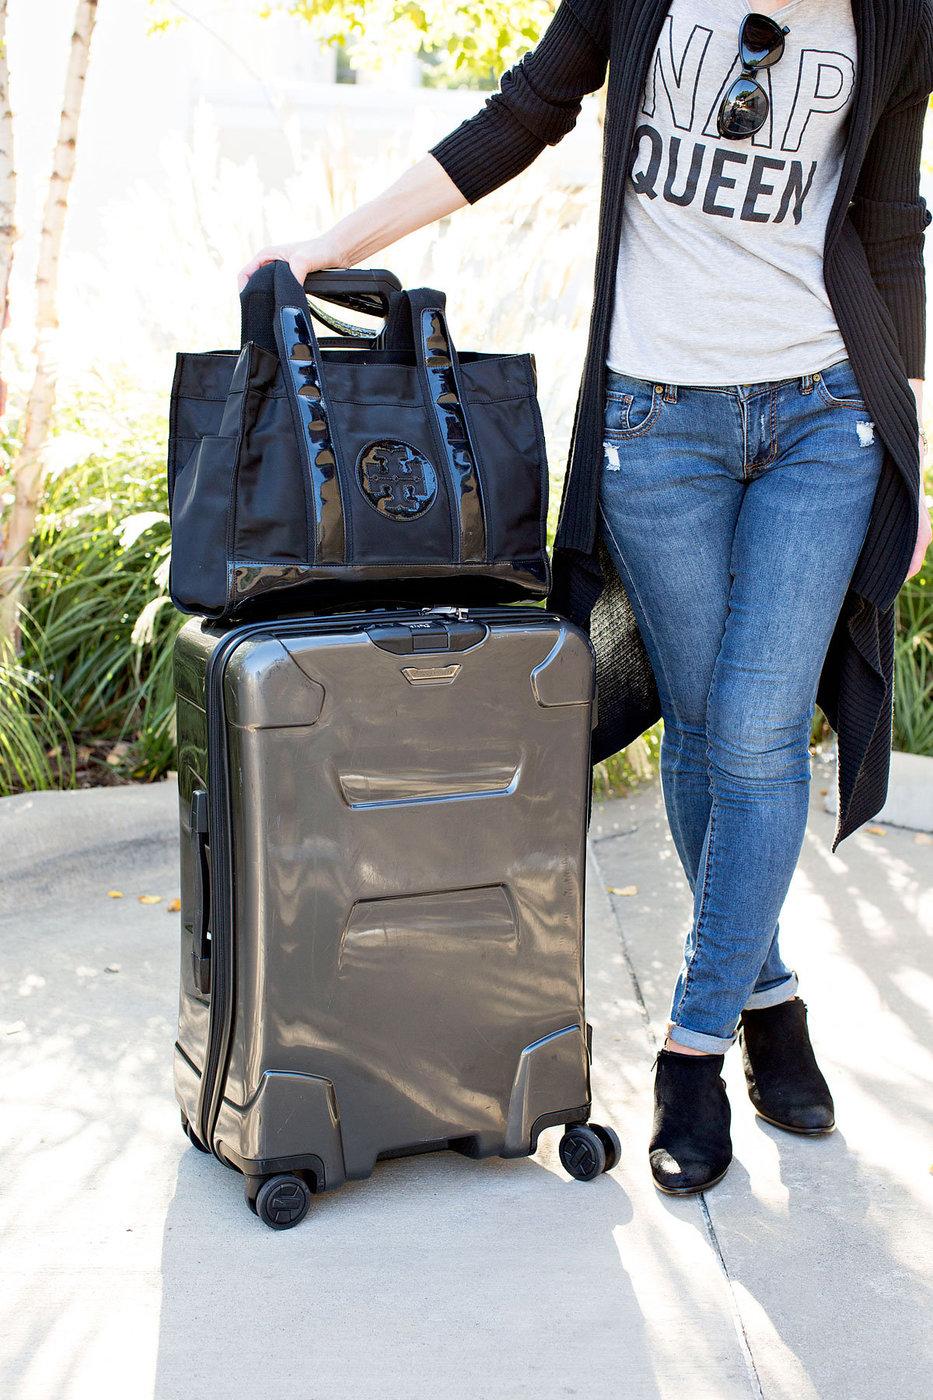 Ya Gotta Love Your Luggage